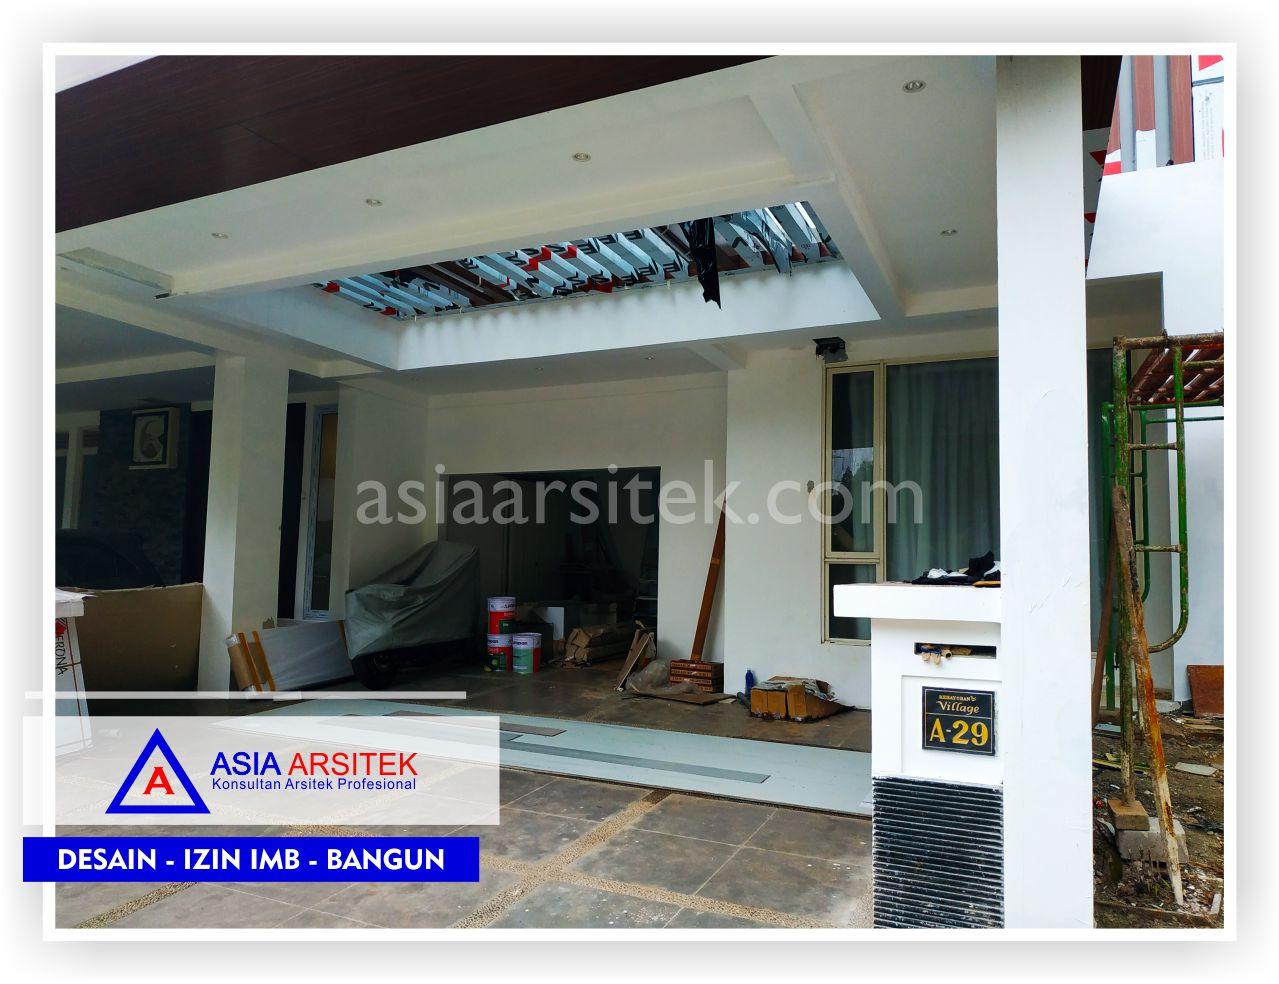 Area Carport 2 Rumah Minimalis Bpk Ananda Di Tangerang-Jakarta-Bogor-Bekasi-Bandung-Jasa Konsultan Arsitek Profesional - Desain Rumah Mewah - Arsitek Gambar Desain Rumah Klasik Mewah